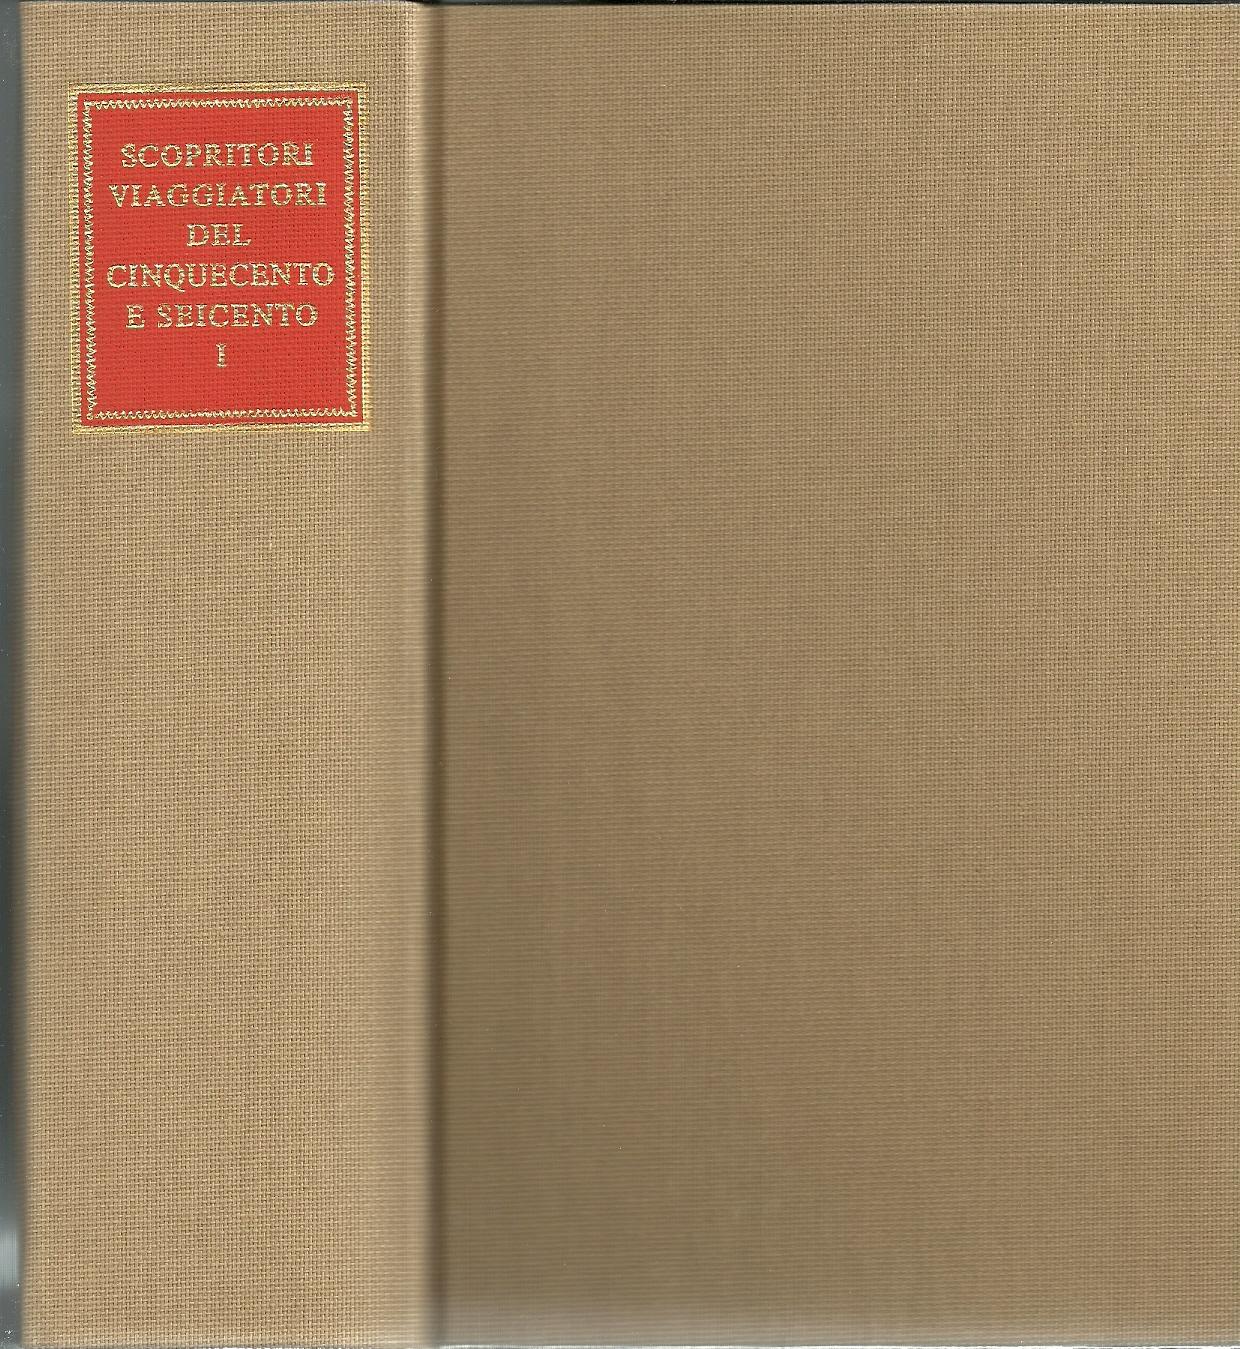 Scopritori e viaggiatori del Cinquecento vol. 1